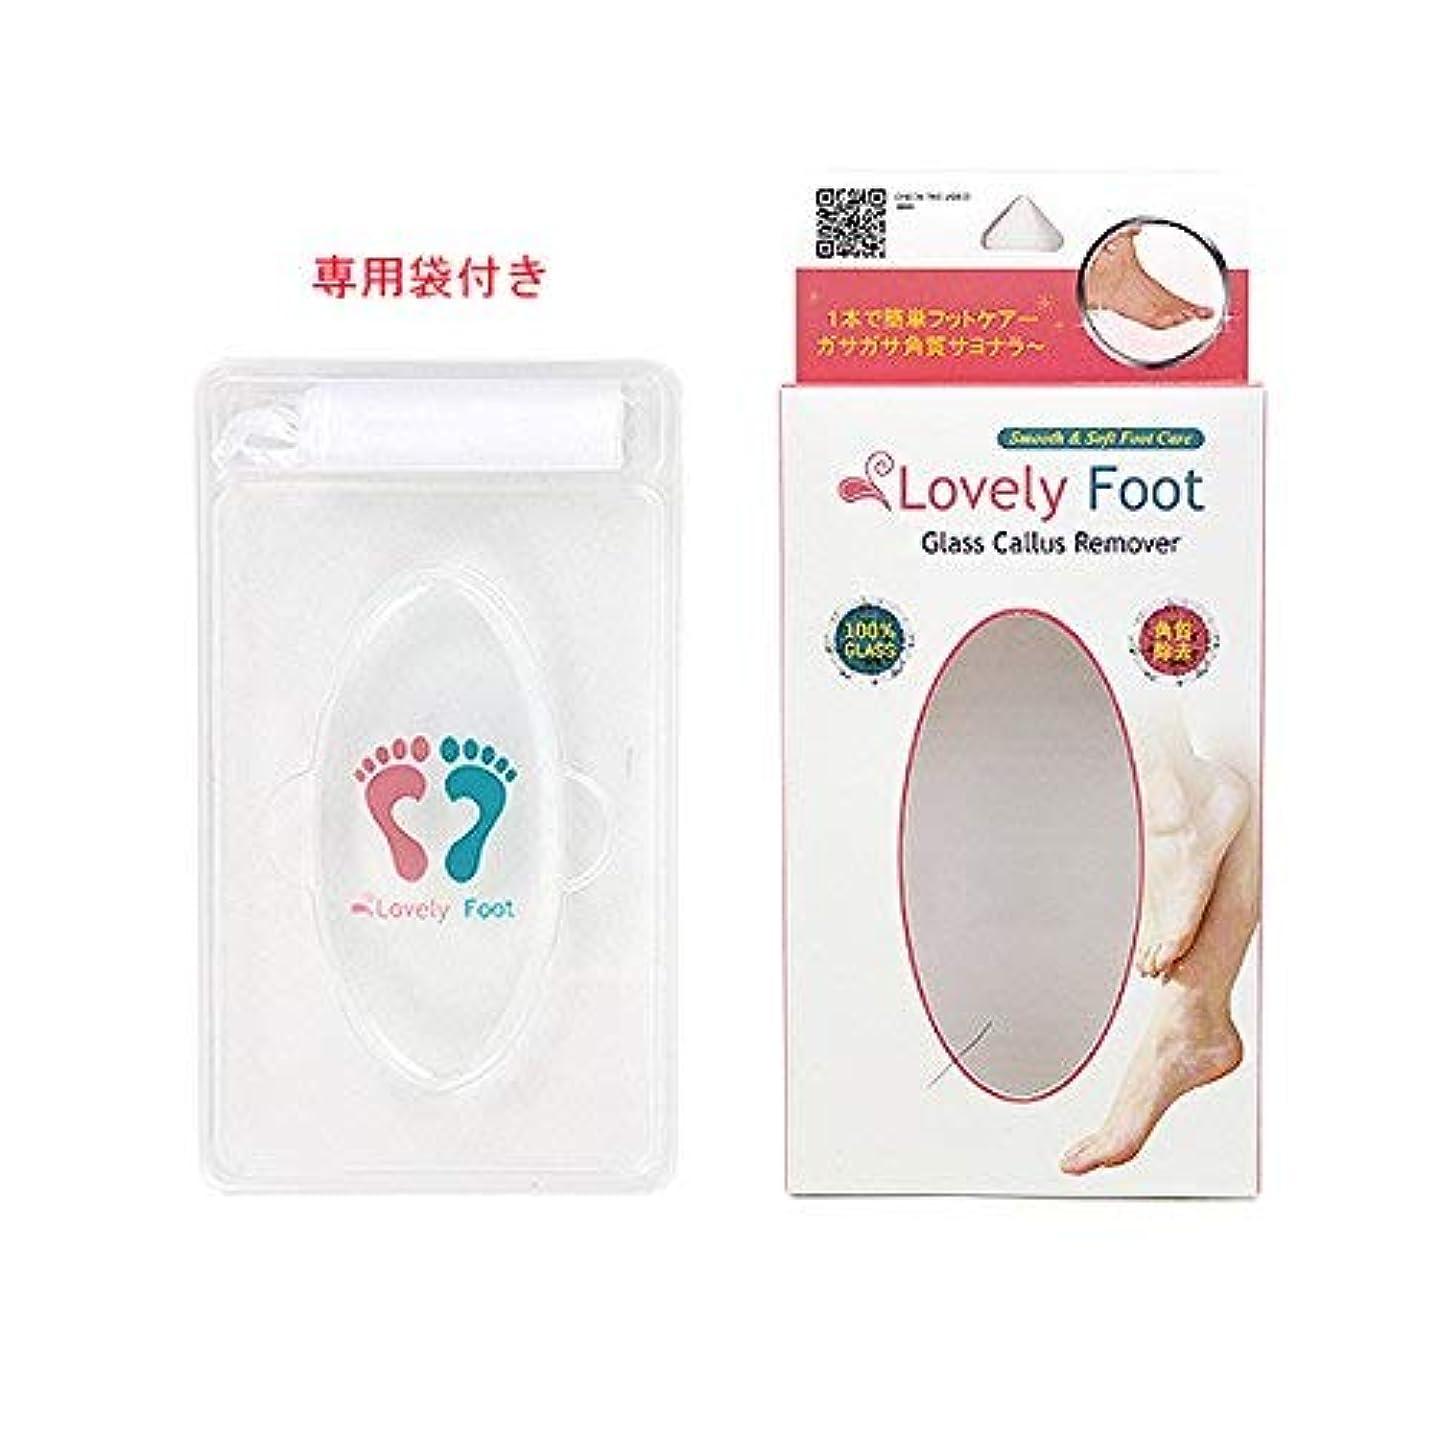 新聞ネックレット囲まれたLovely Foot Glass Callus Remover (ガラス角質取り)